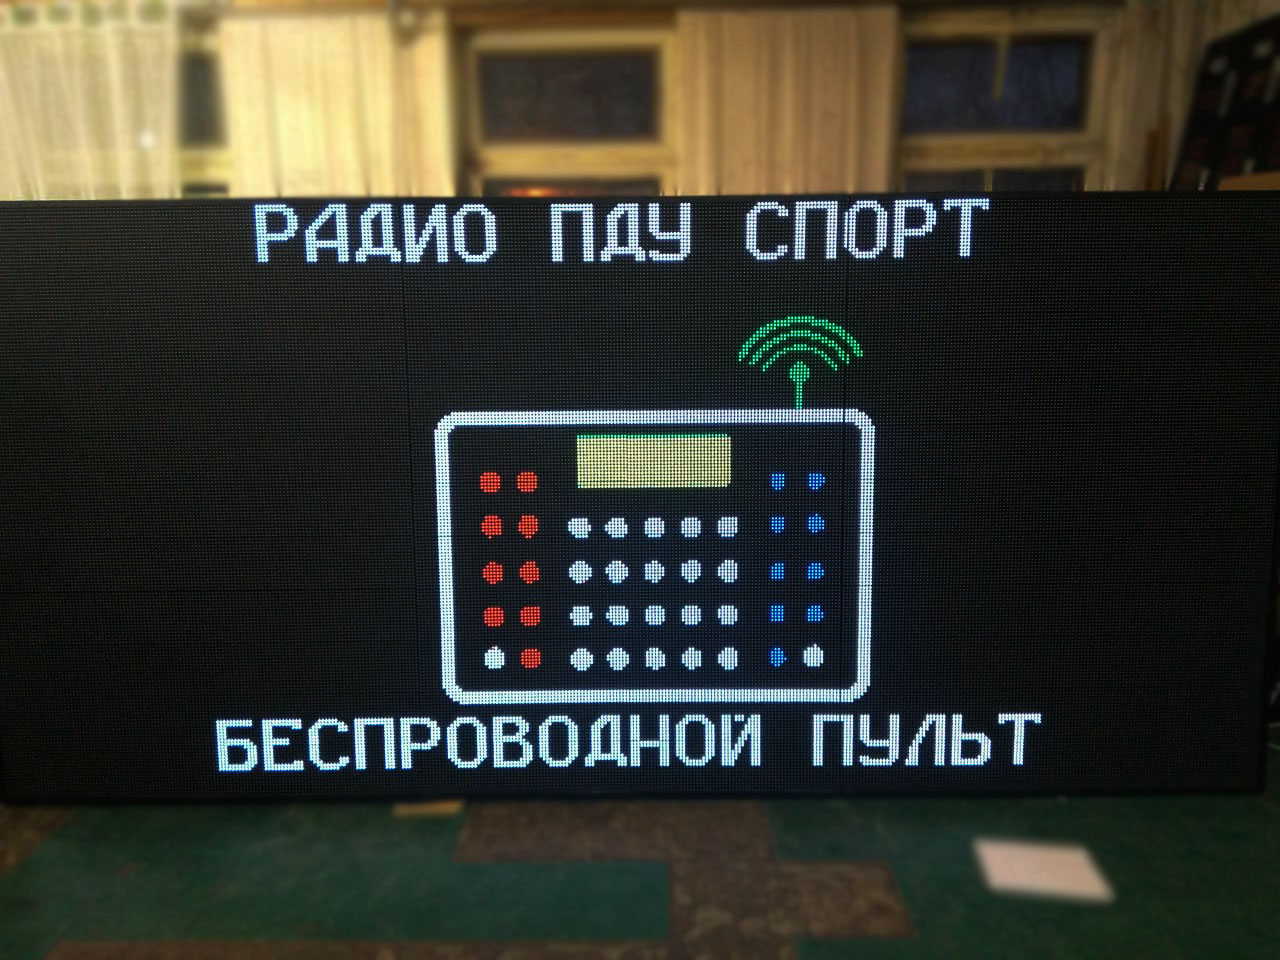 Инструкция к радио пду-спорт-10